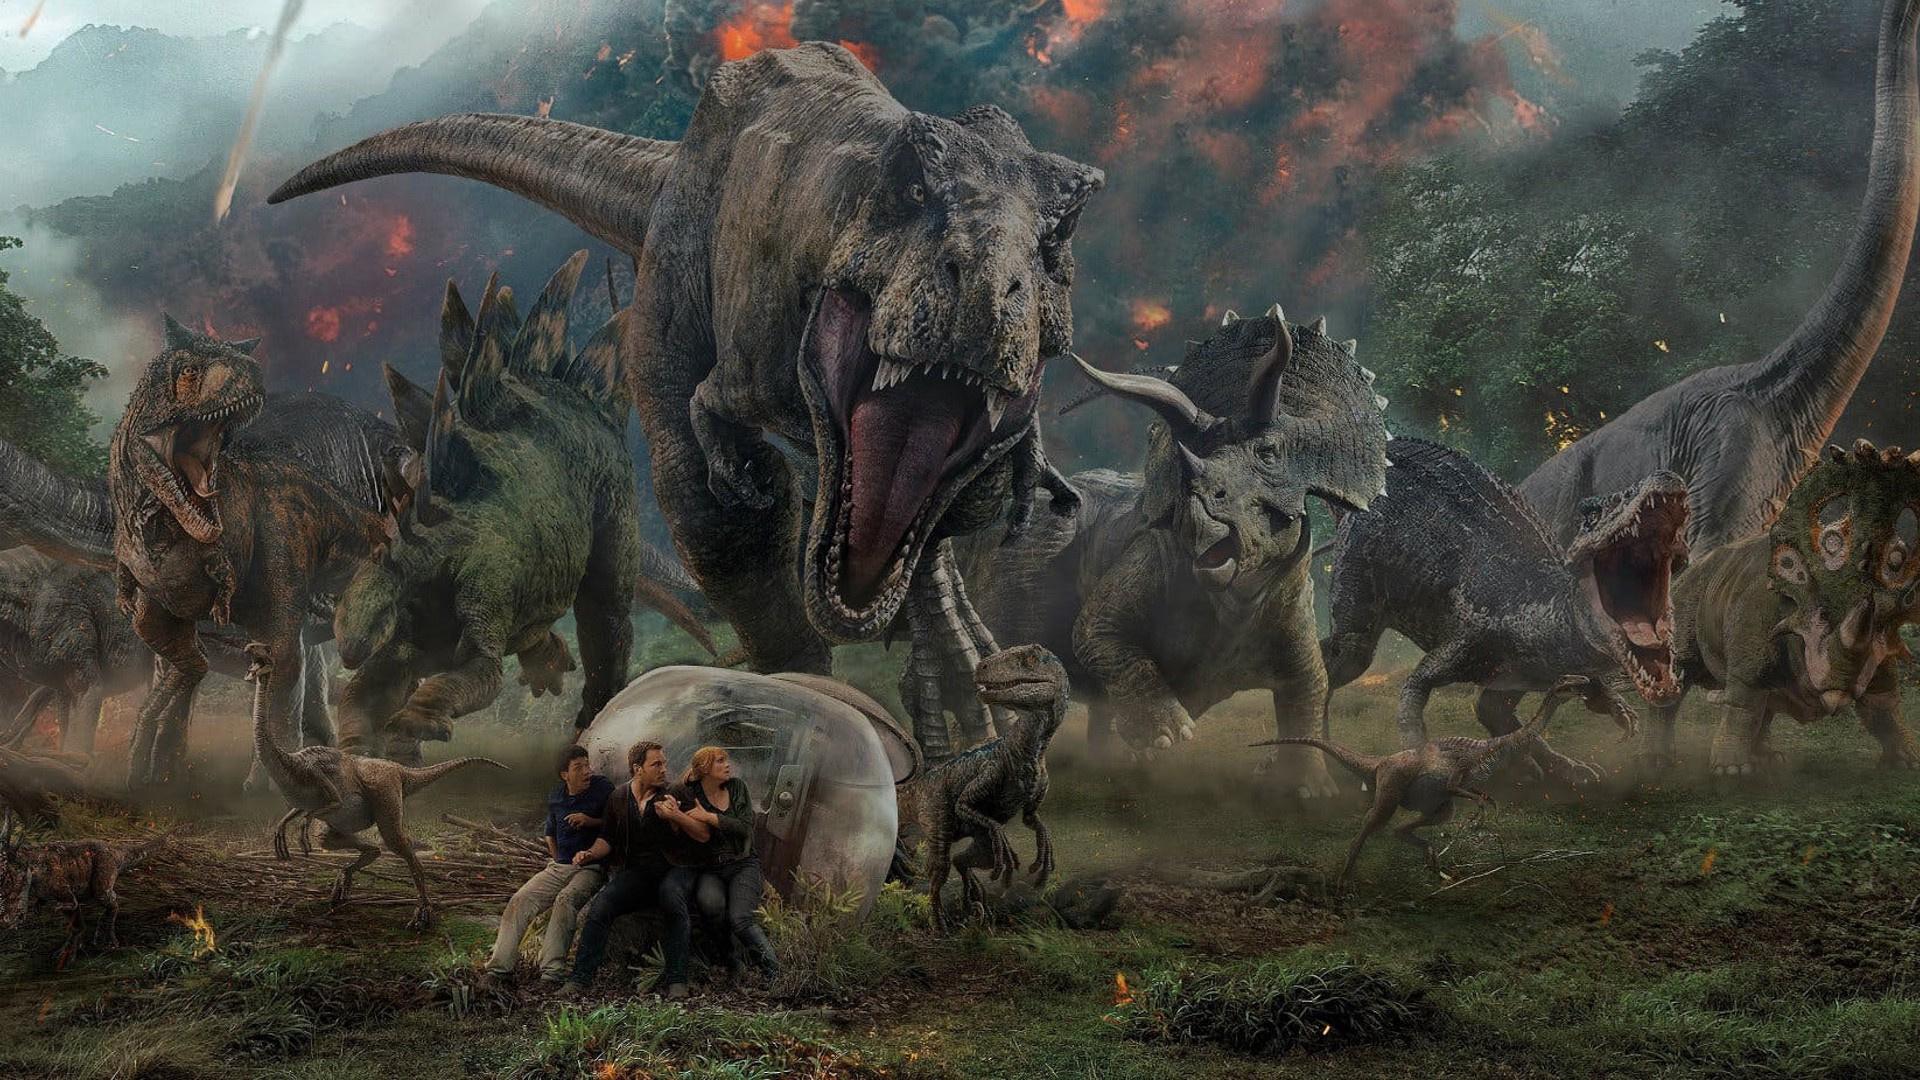 СМИ: Universal возобновит съёмки нового «Мира Юрского периода» в июле